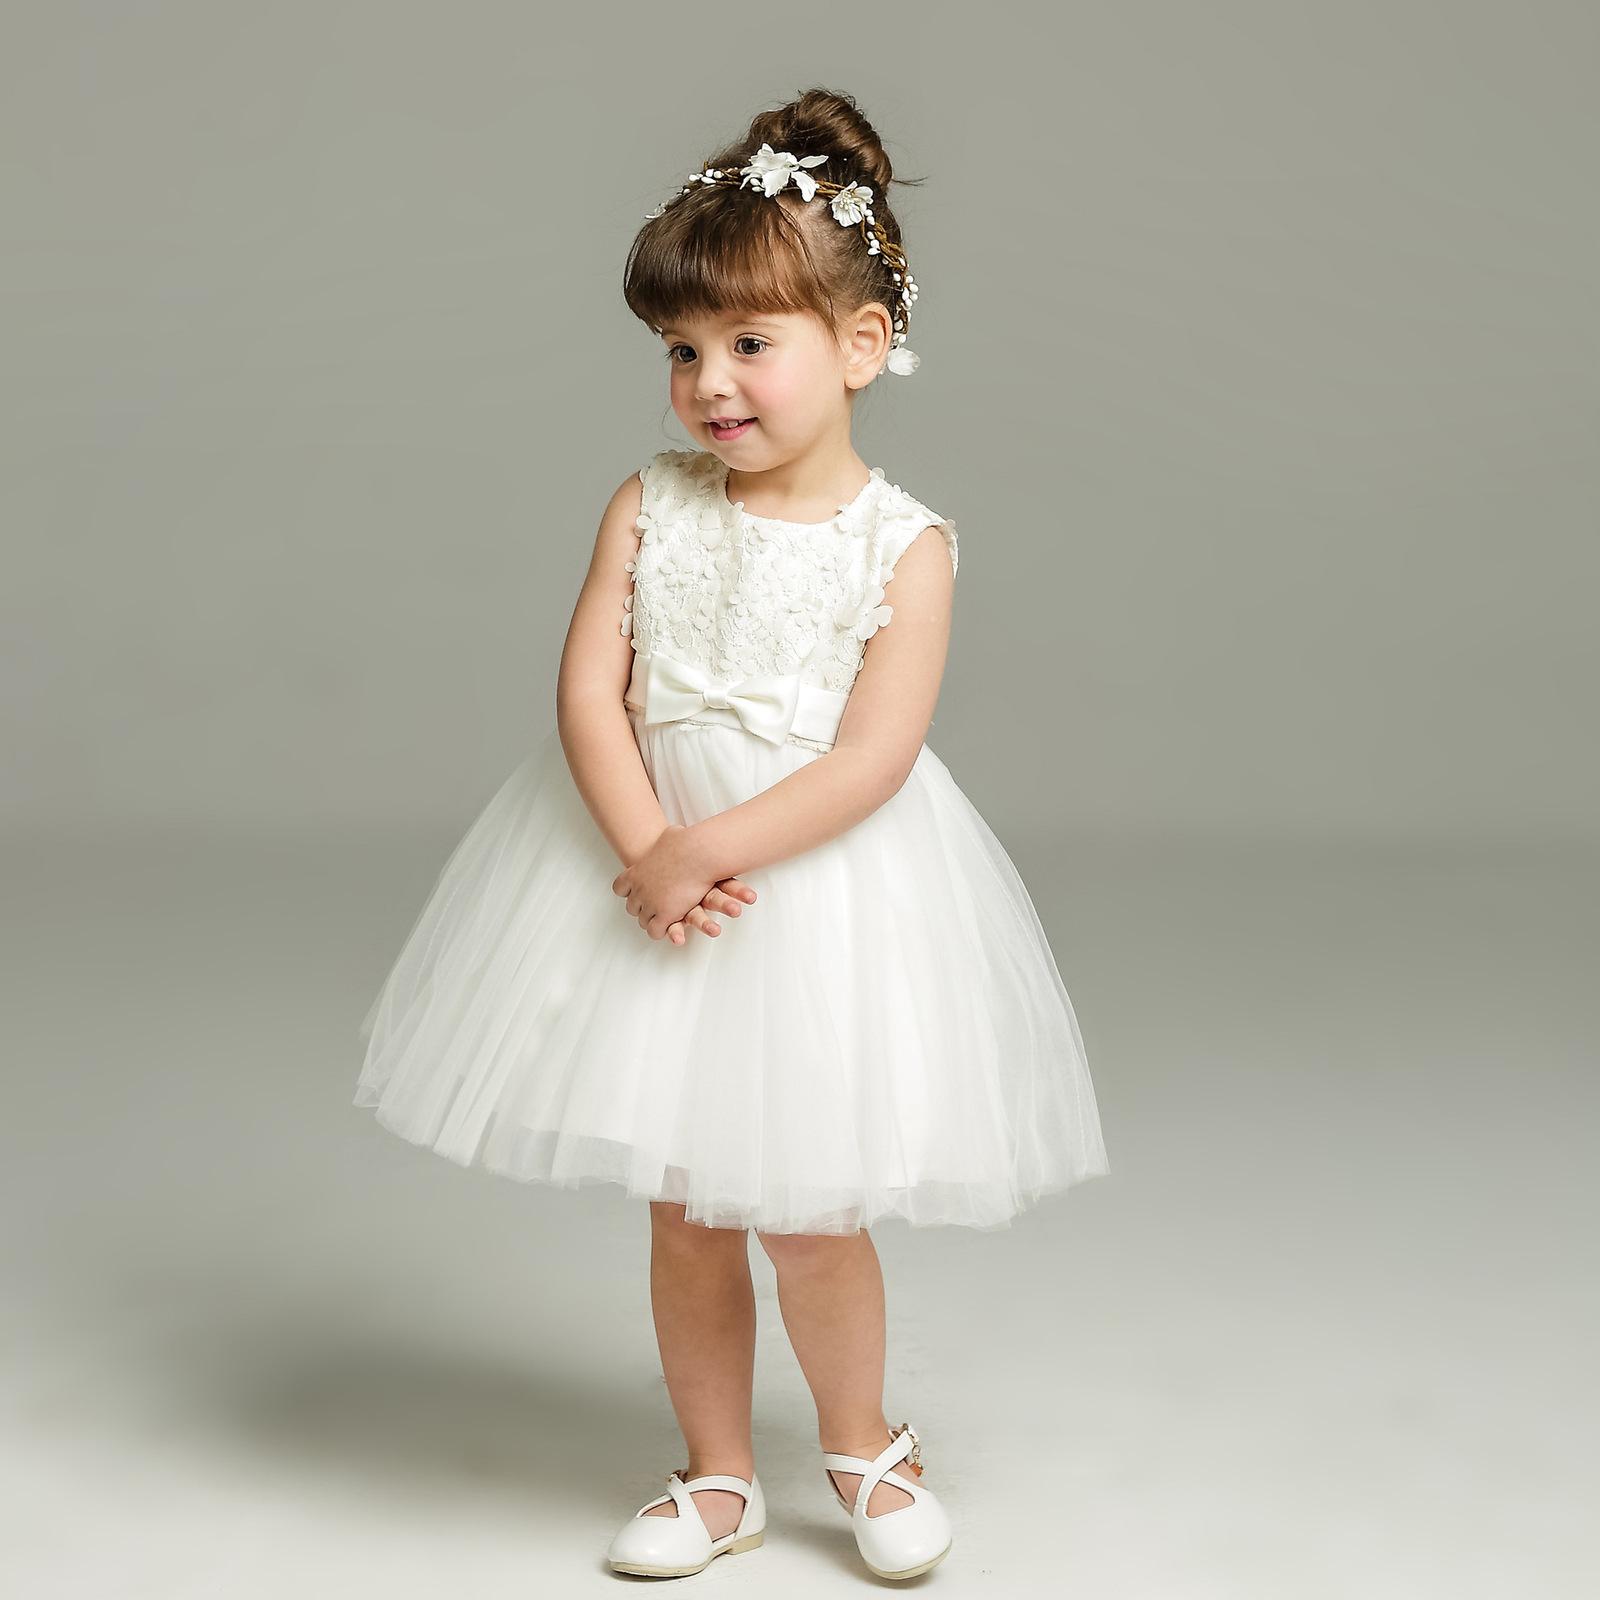 New Body Dress 0-24 Month Strapless White Flower Girl Dress Ball Gowns Short2018 image 2